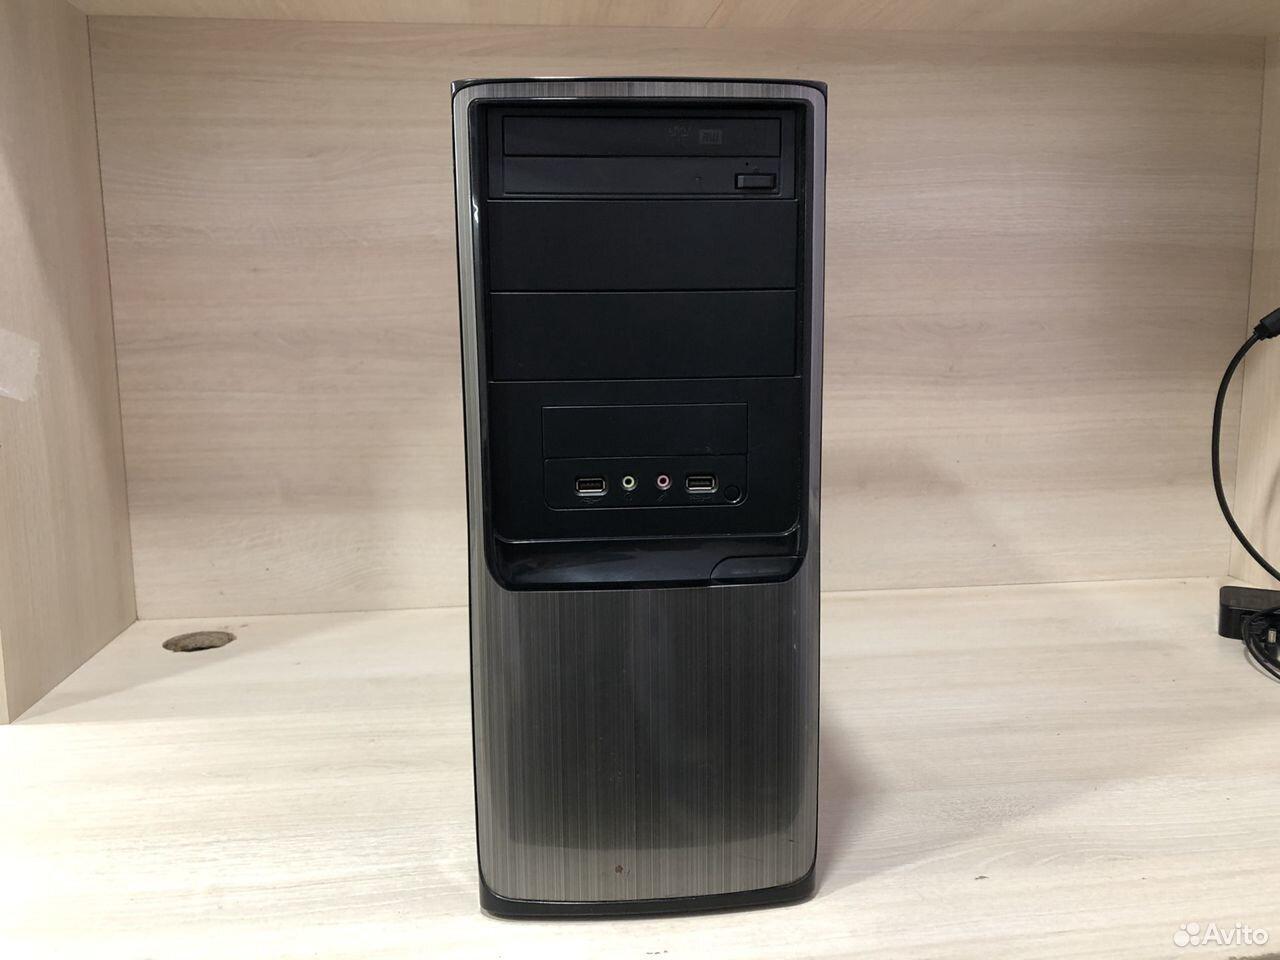 4-ядерный компьютер для офиса